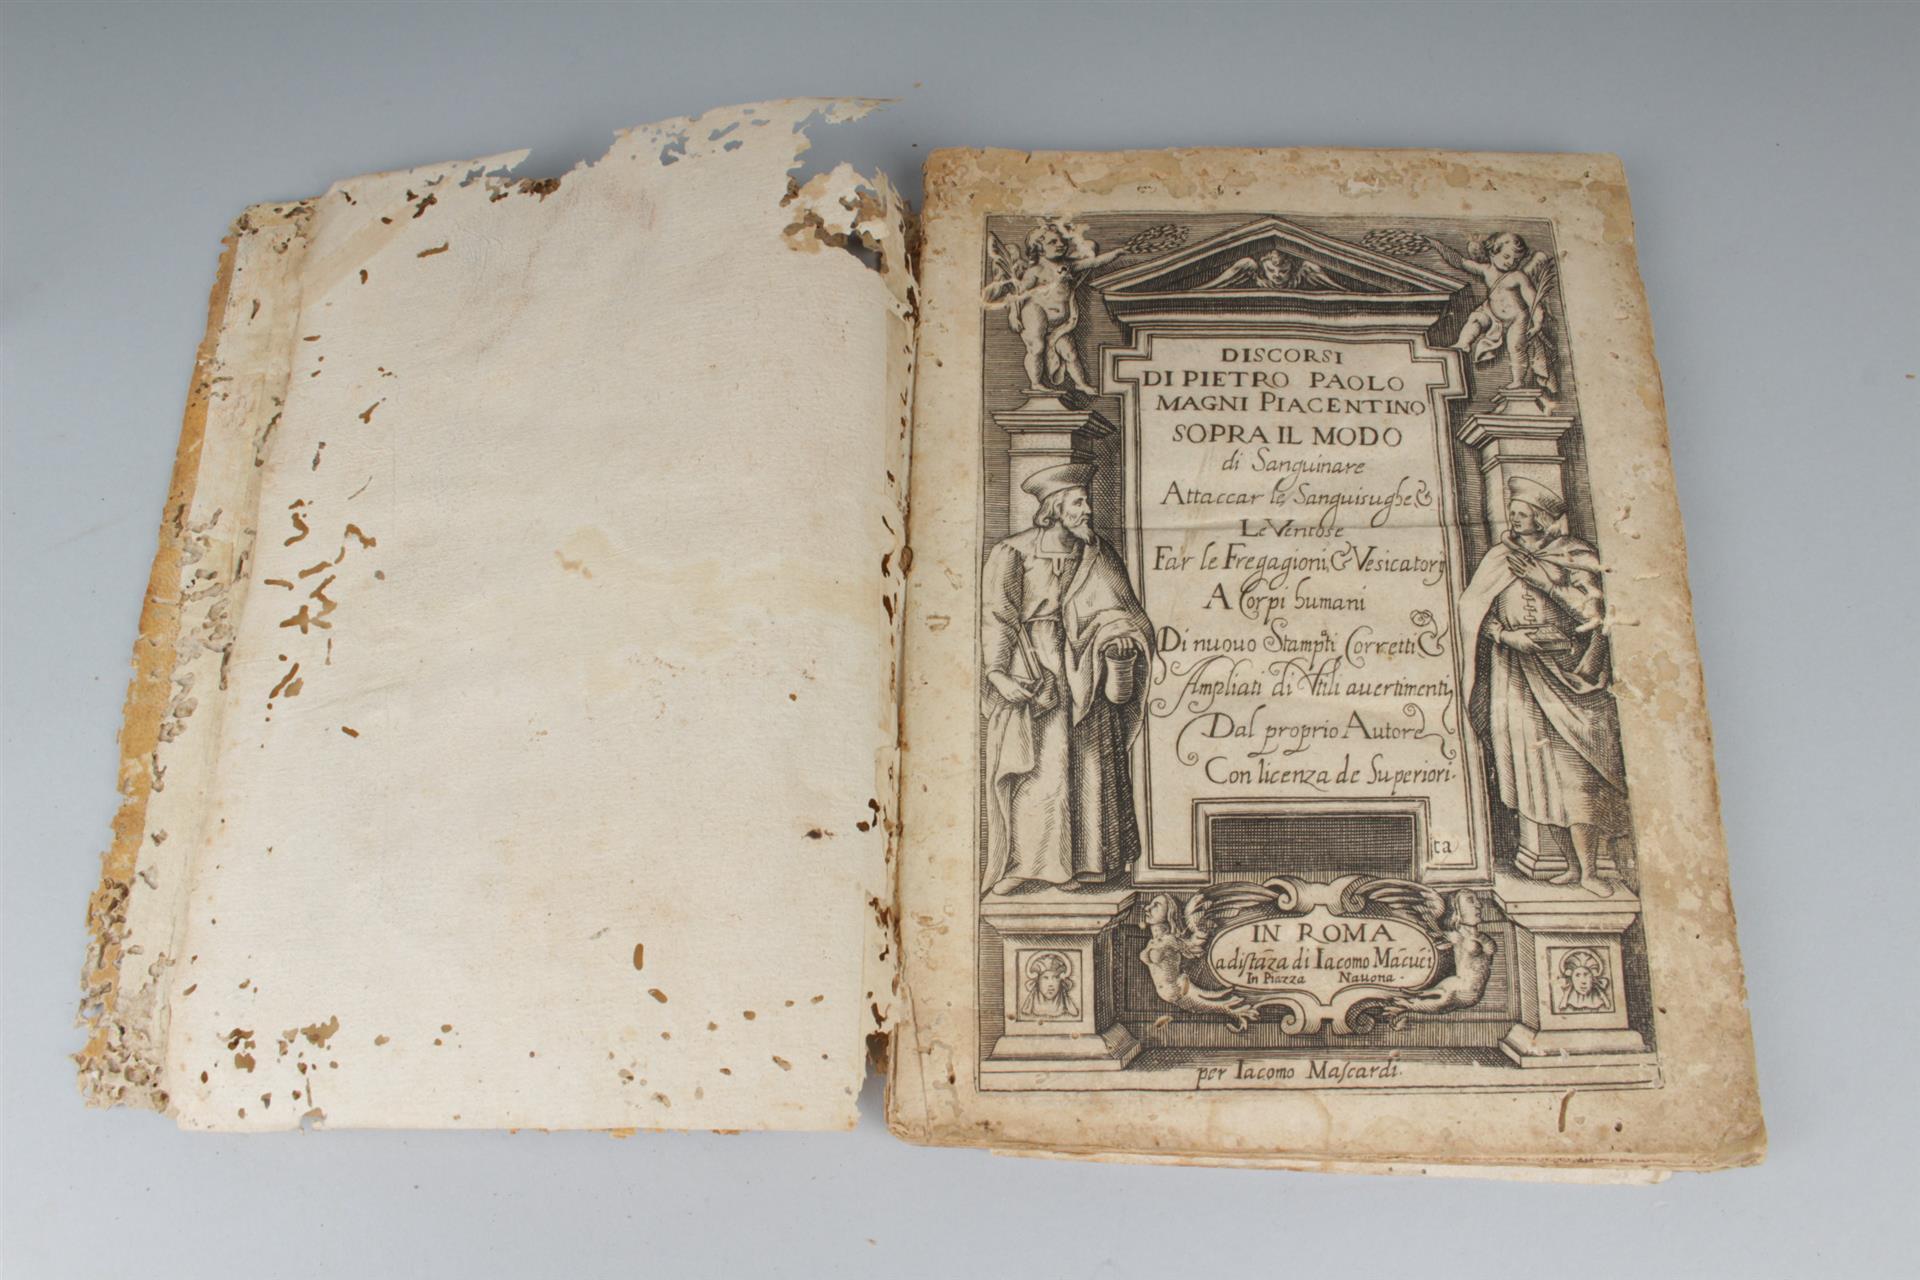 discorsi-di-pietro-paolo-magni-piacentino-roma-1624-1-volume-en-l-etat--16